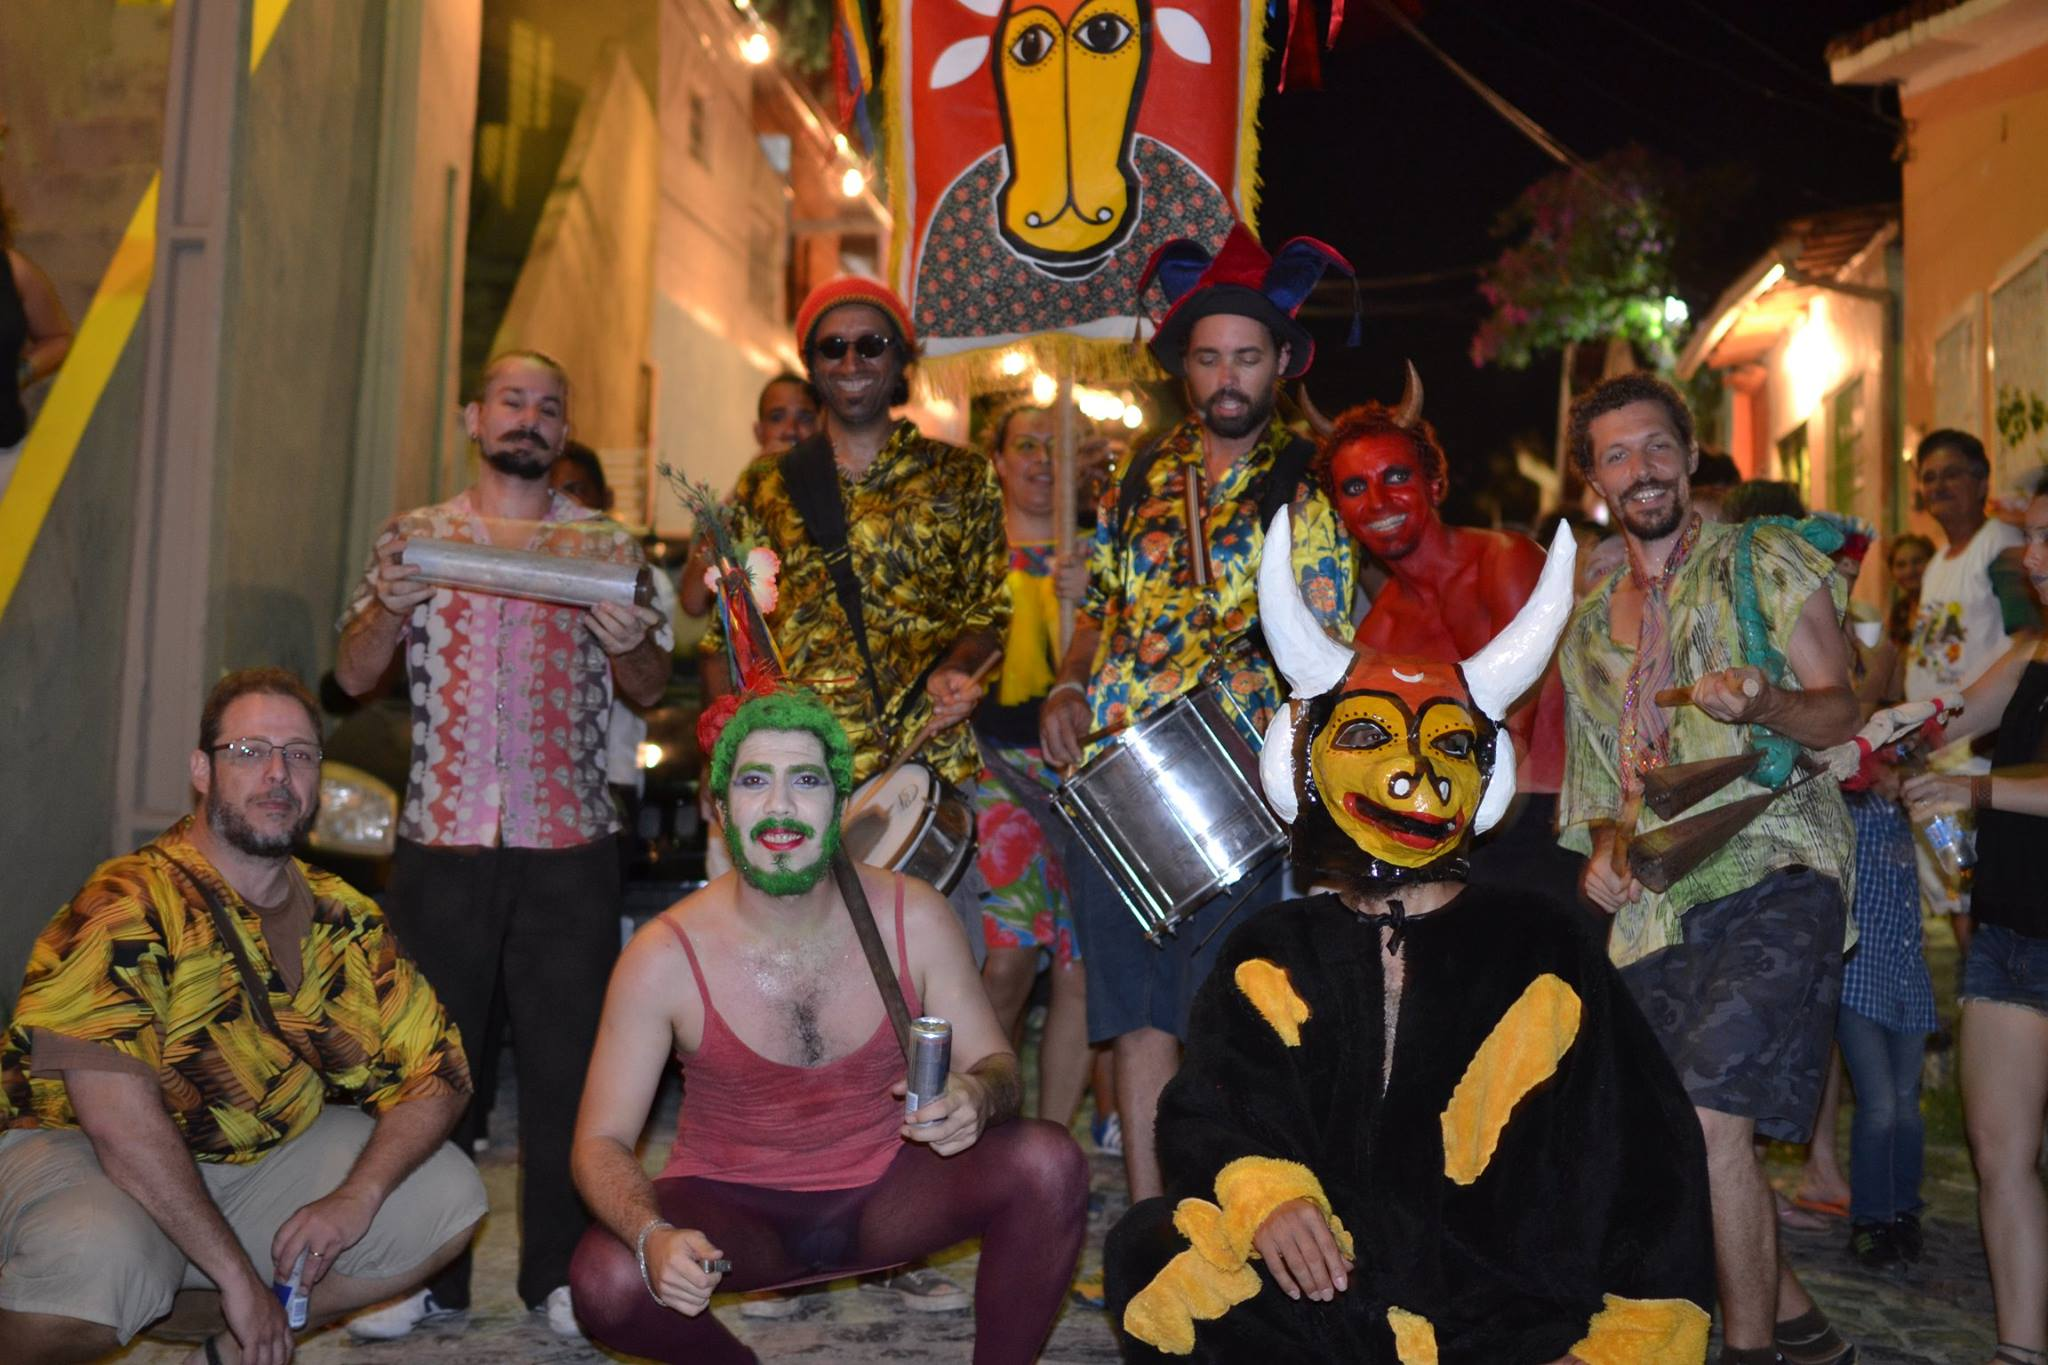 Músicos del Bloco de maracatu Rural Boi Dendé en Olinda. Foto: suministrada por Lula Marcondes, Director.